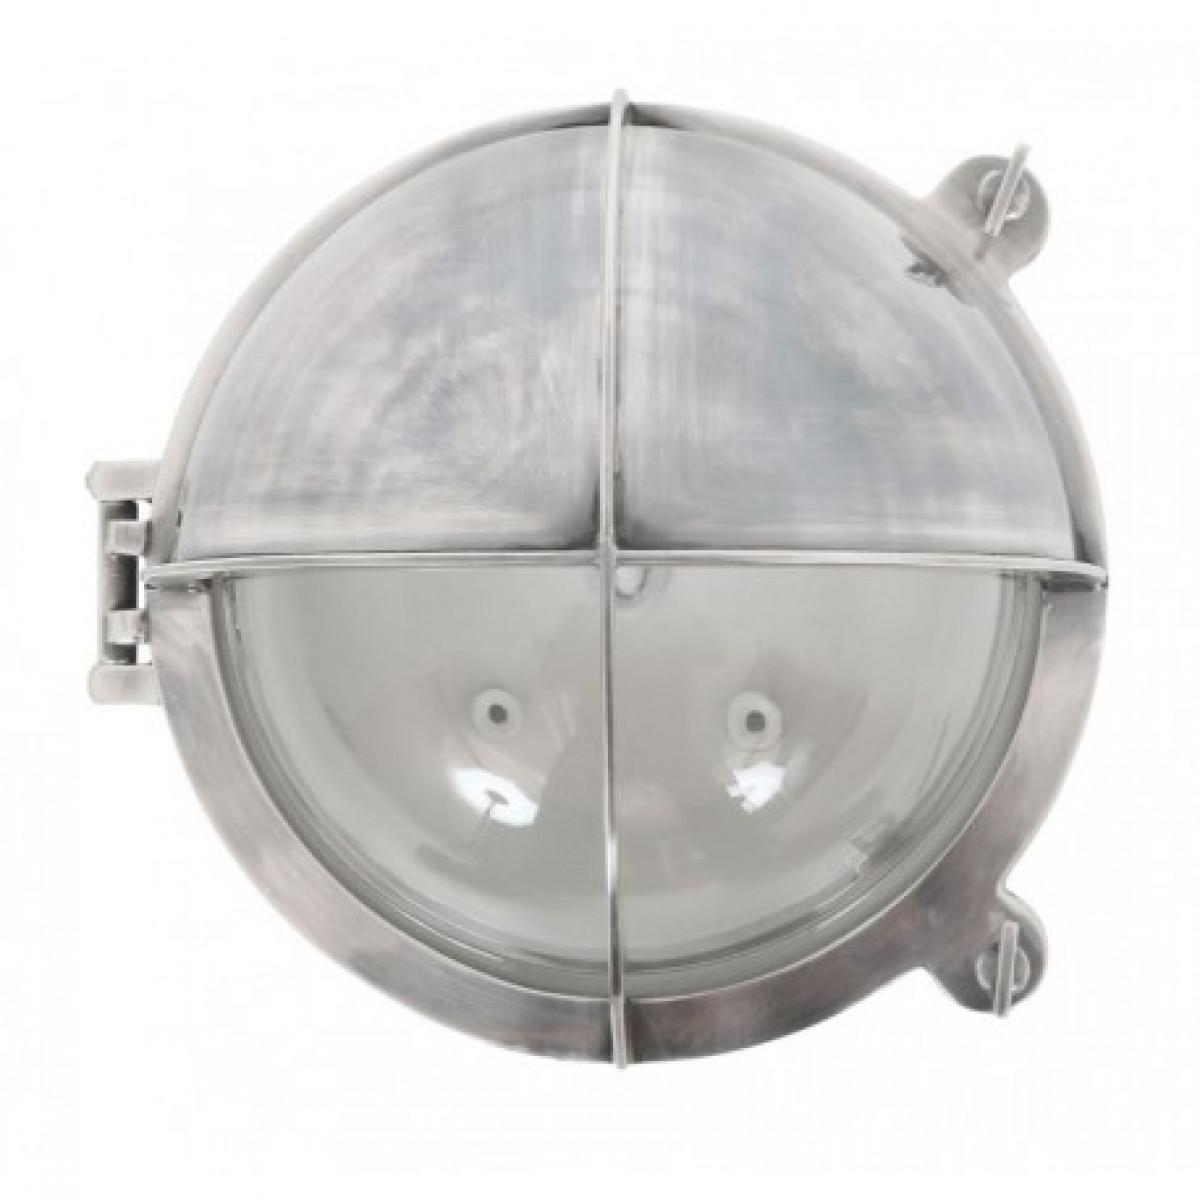 maritieme lampen - Scheepslamp Taylor antiek zilver - scheepsverlichting - Nostalux